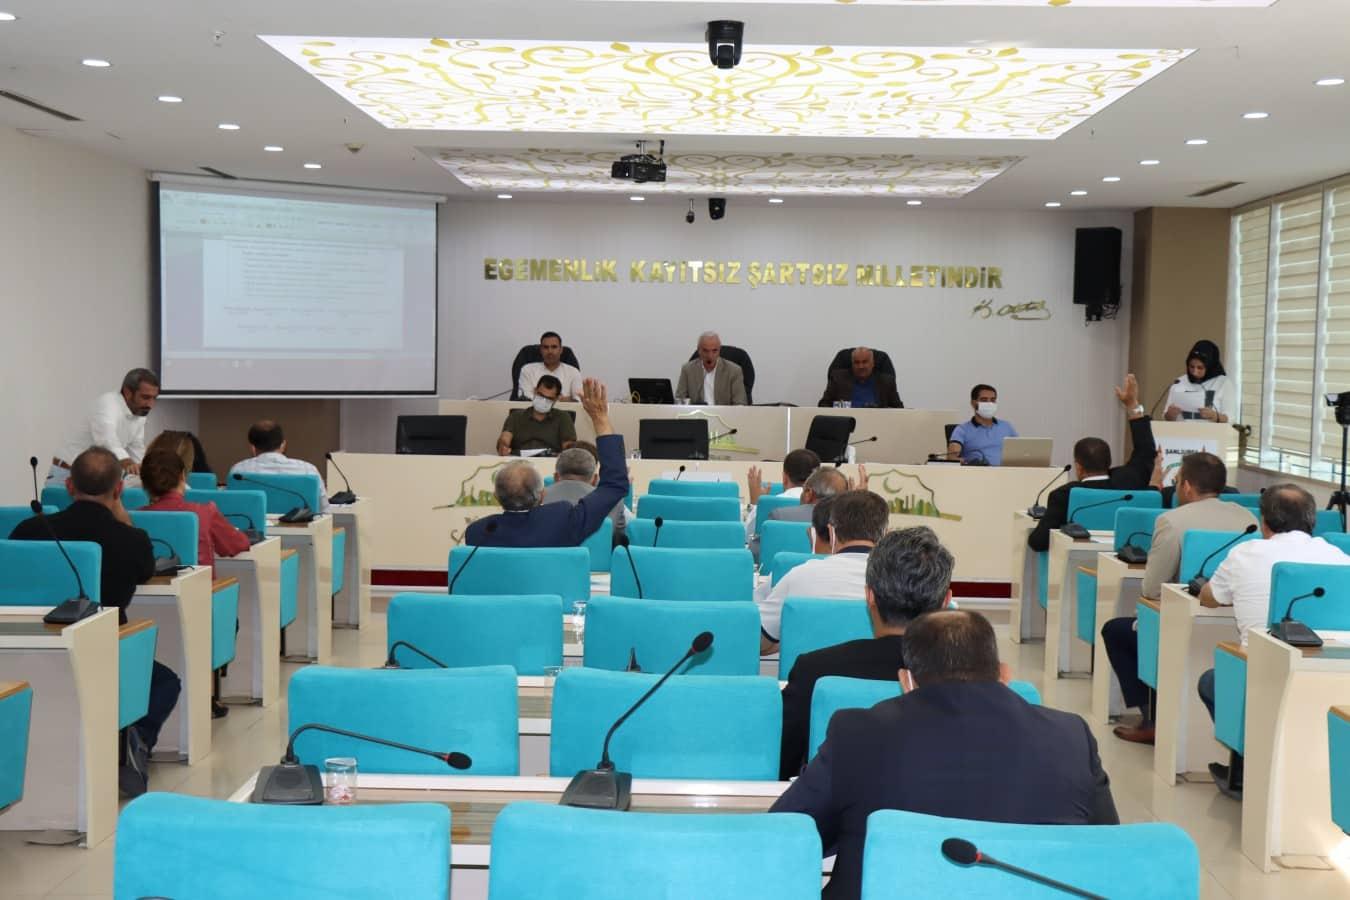 Büyükşehir Belediye Meclisinde Şanlıurfa İçin Önemli Kararlar Alındı Haberler